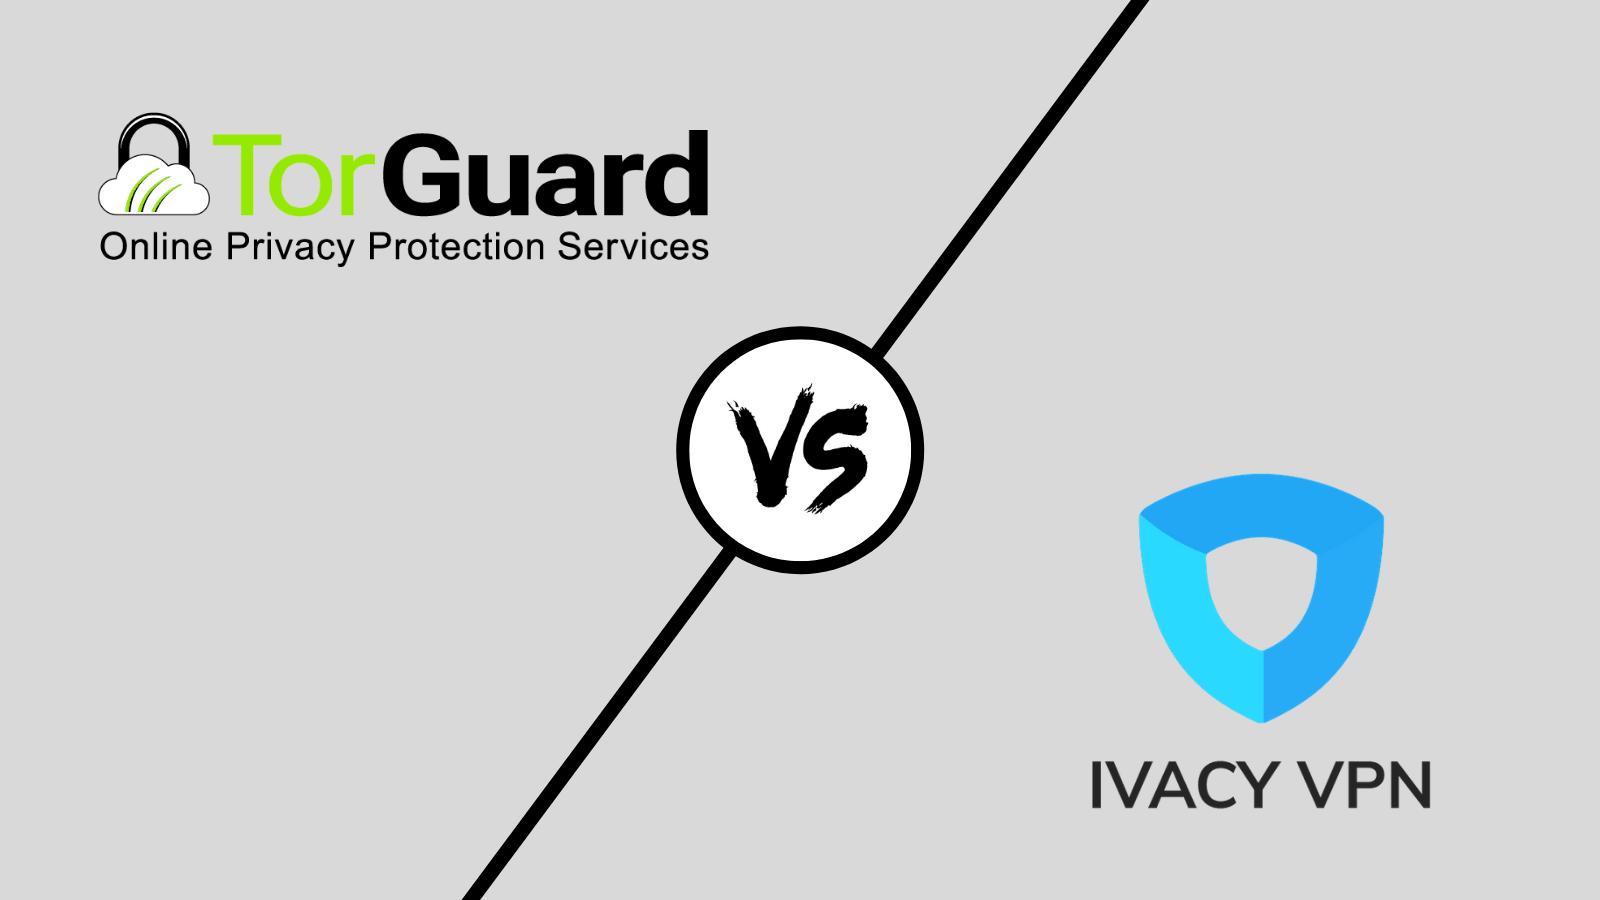 TorGuard vs Ivacy VPN (2019) - Well-Established VPN vs a